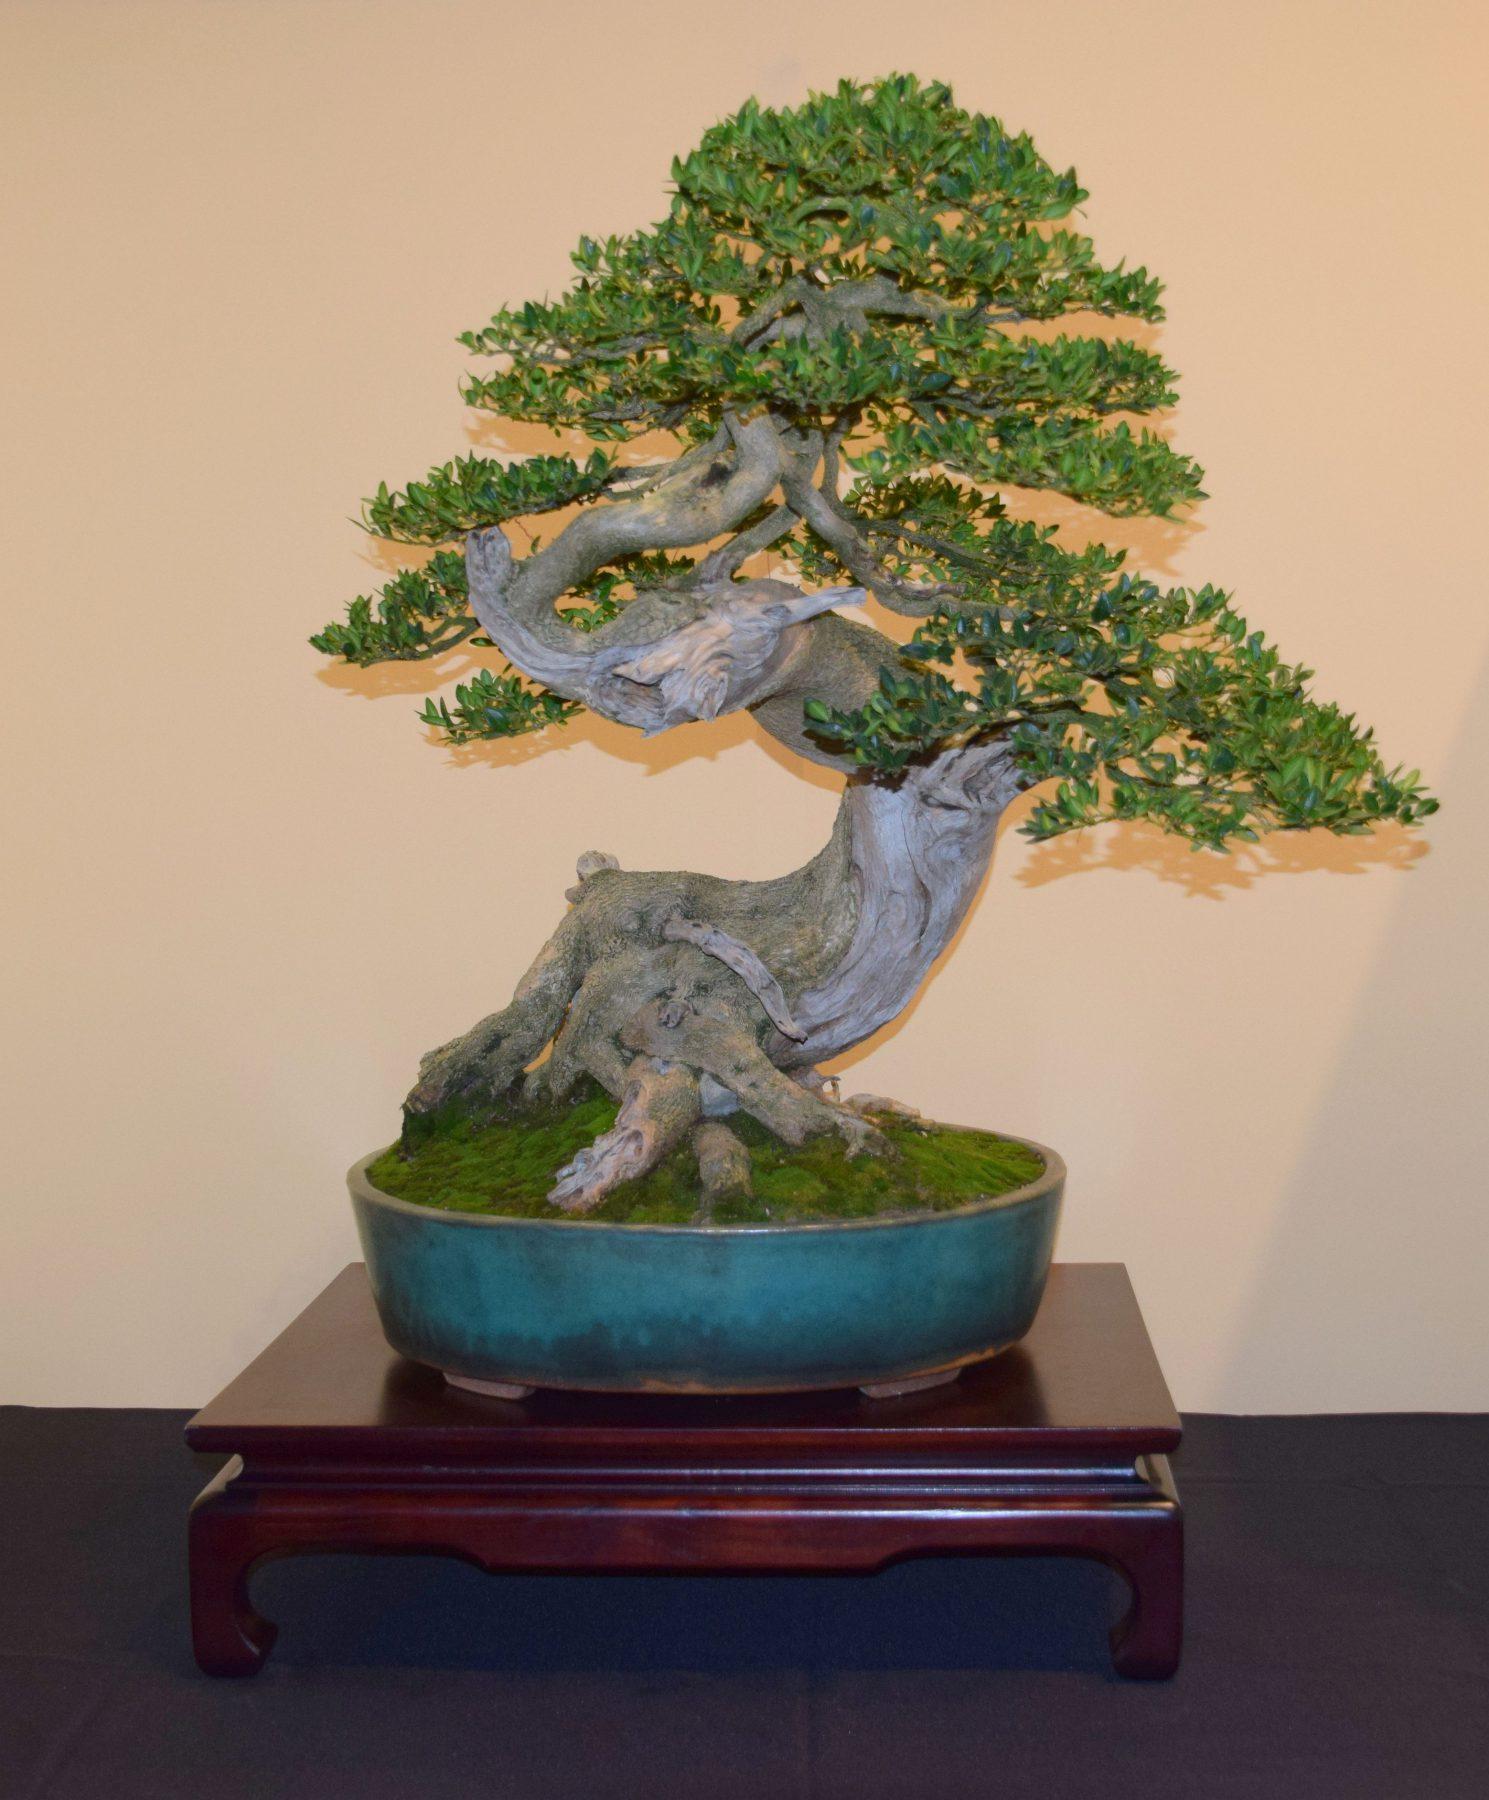 euk-bonsai-ten-2016-jp-polmans-collectie-012